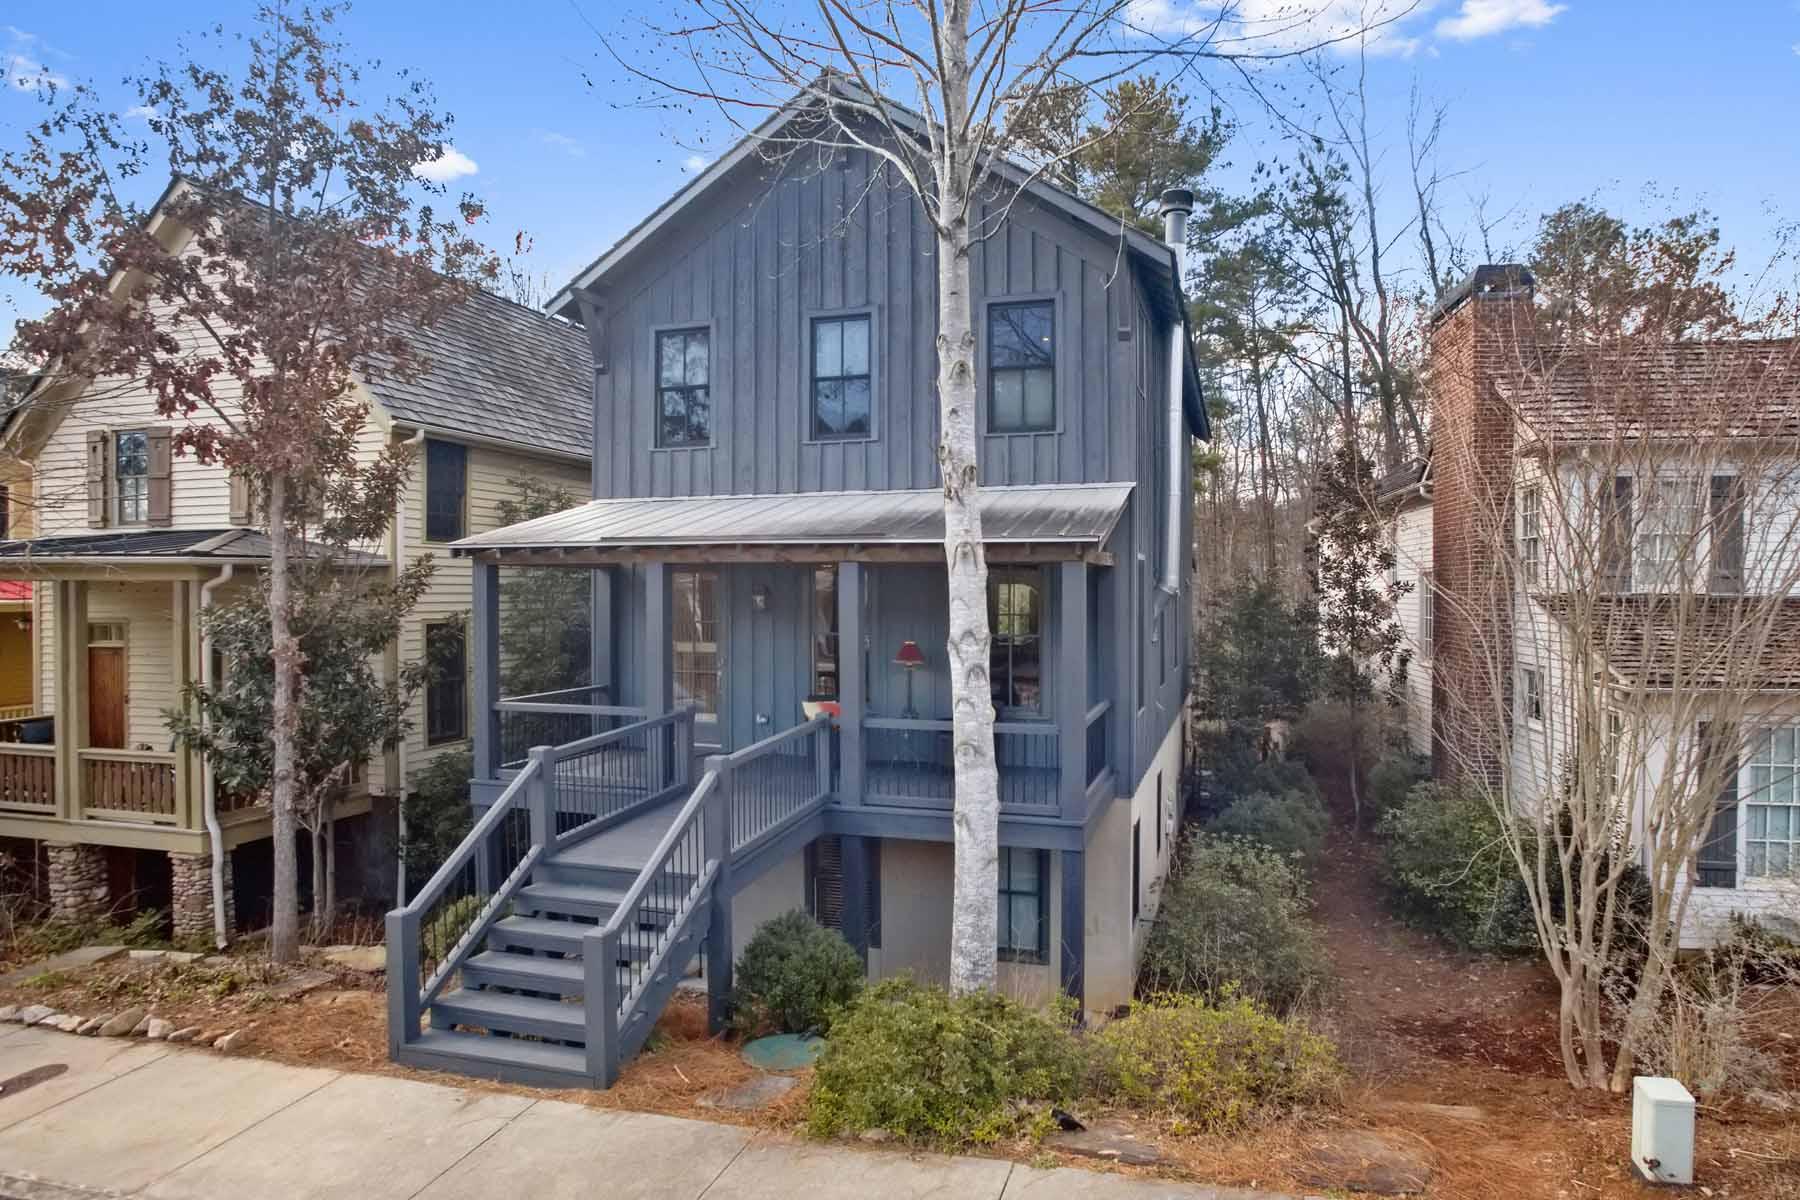 Tek Ailelik Ev için Satış at Amazing EarthCraft Home In Sustainable Community 9143 Selborne Lane Chattahoochee Hills, Georgia, 30268 Amerika Birleşik Devletleri